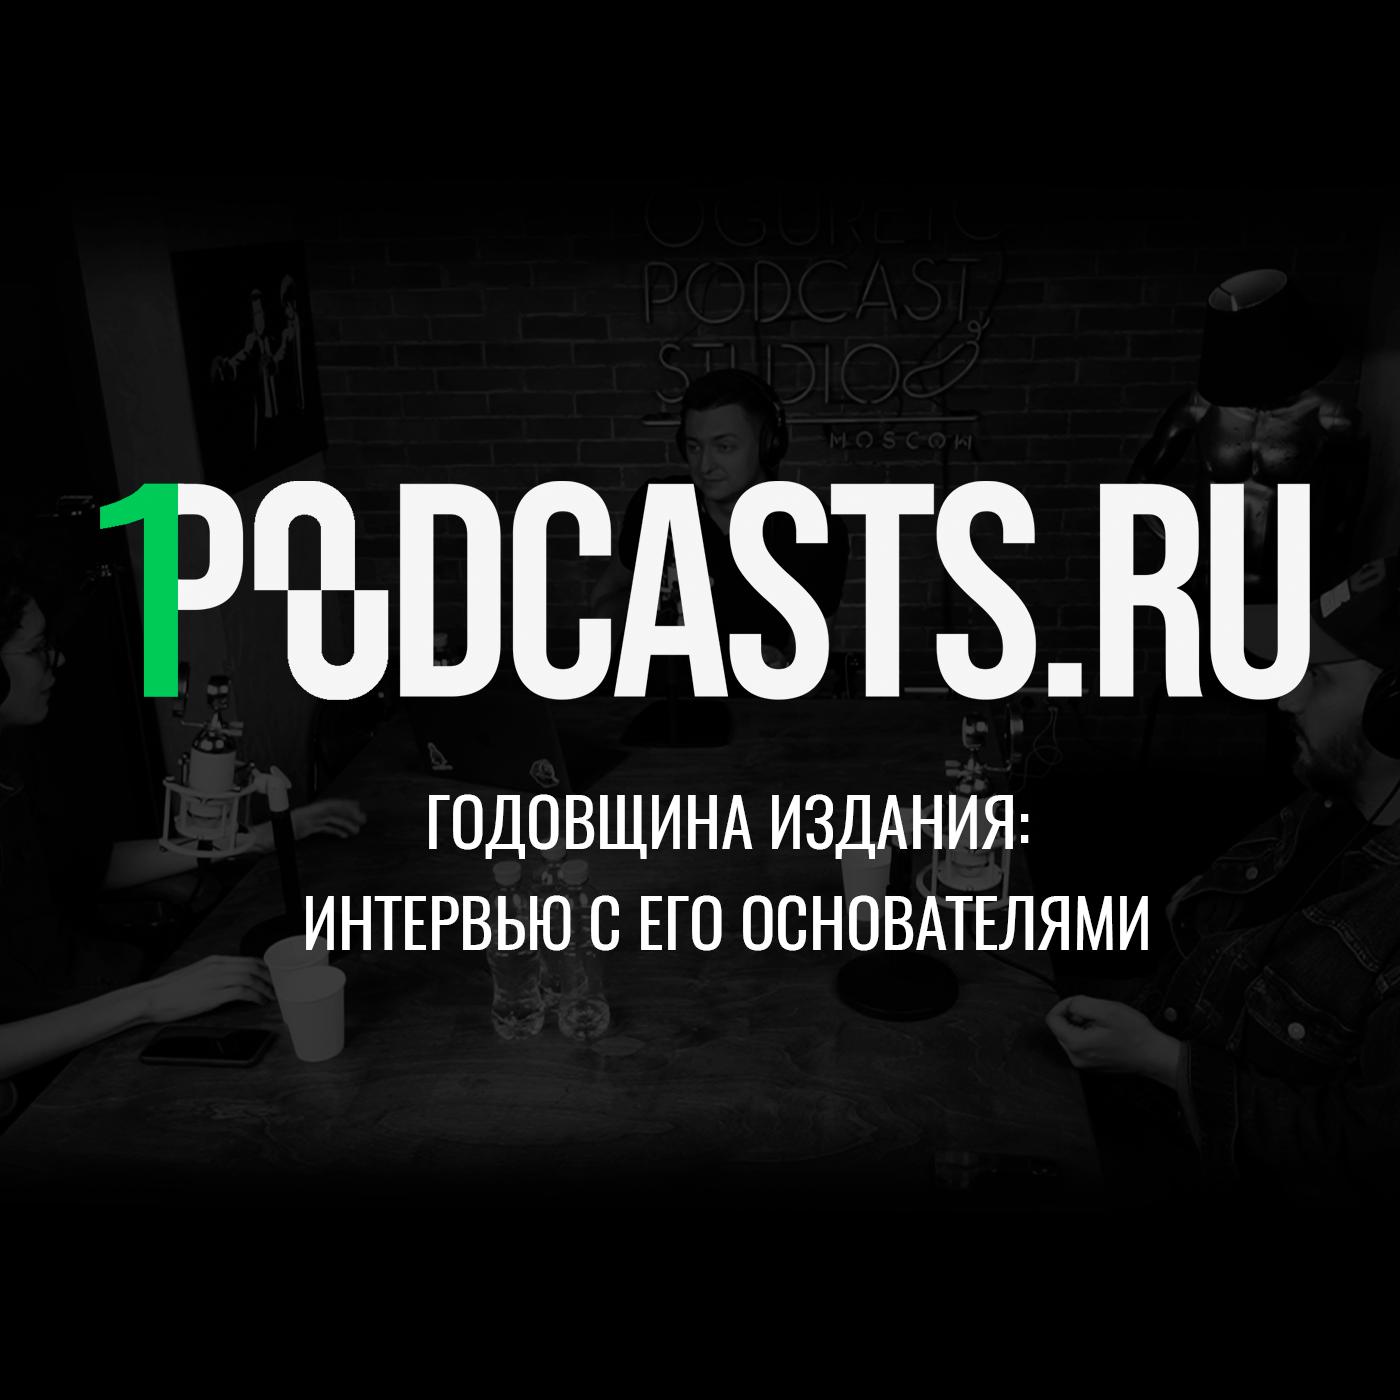 Podcasts.ru — исполняется год! | Интервью с основателями — Тельманом Акавовым и Эдуардом Царионовым